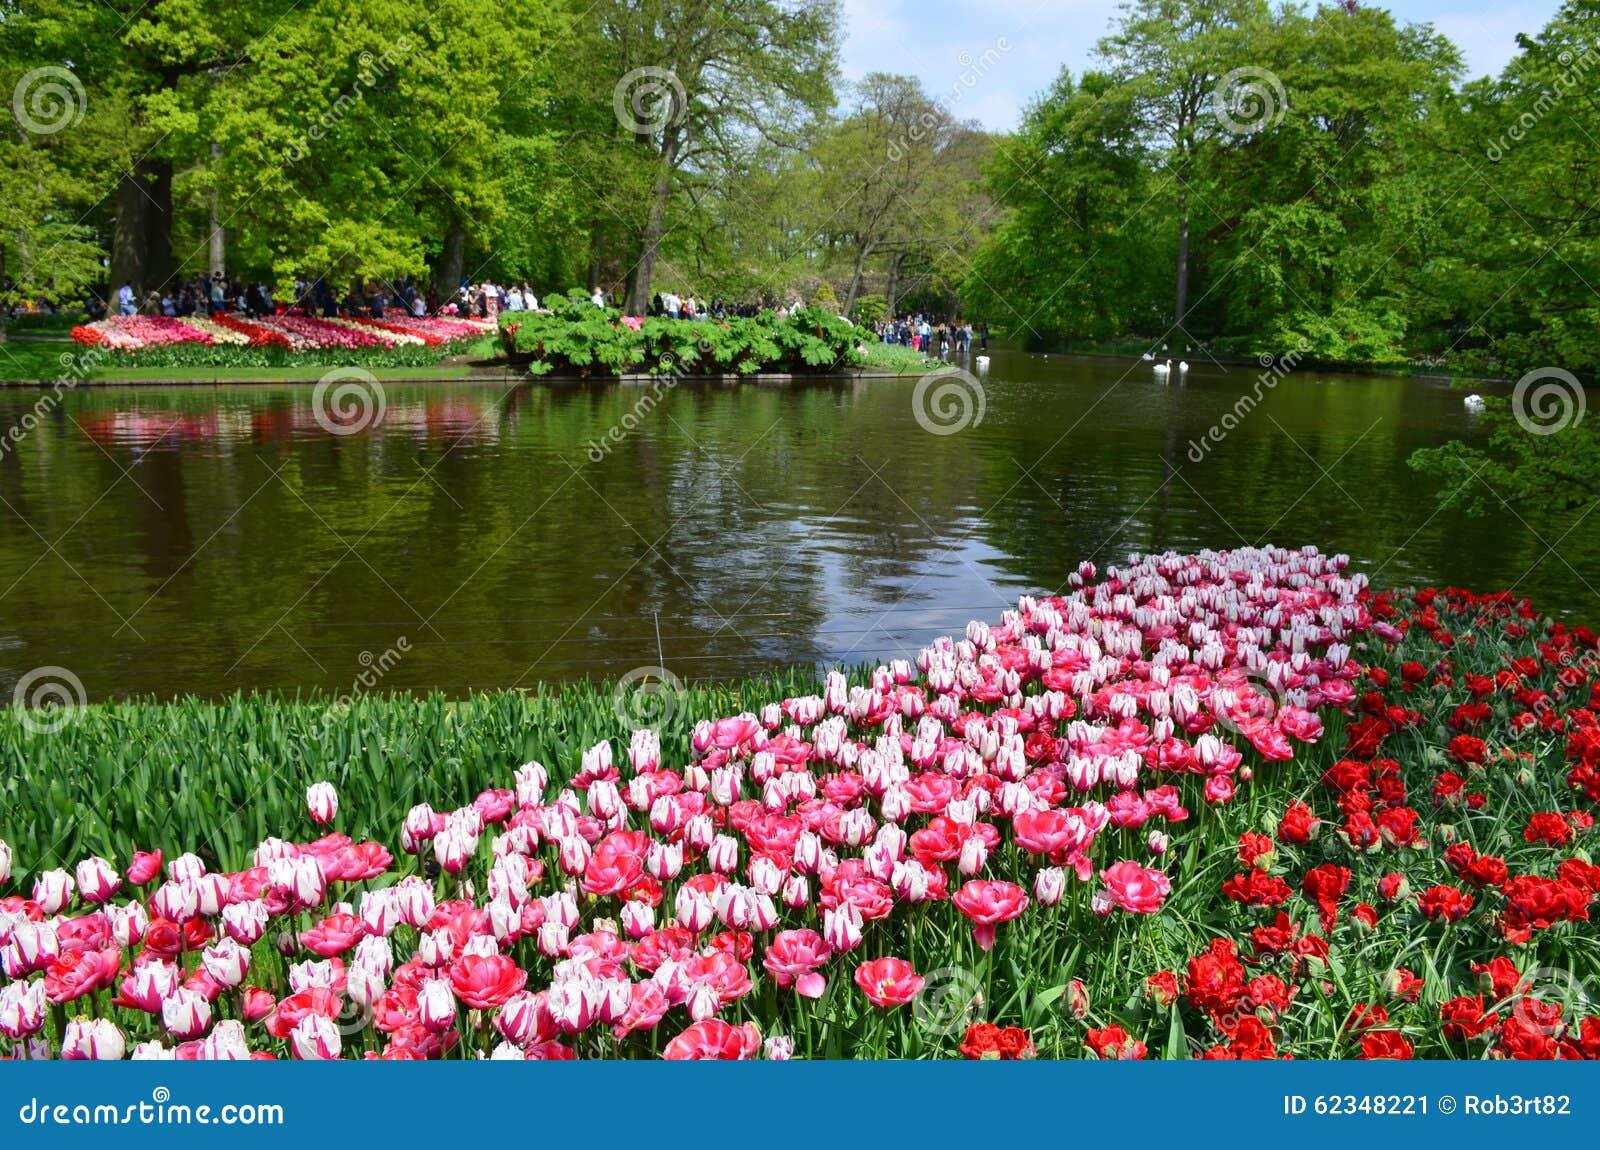 flores coloridas jardim:Jardim de Keukenhof, Países Baixos Flores e flor coloridas no jardim